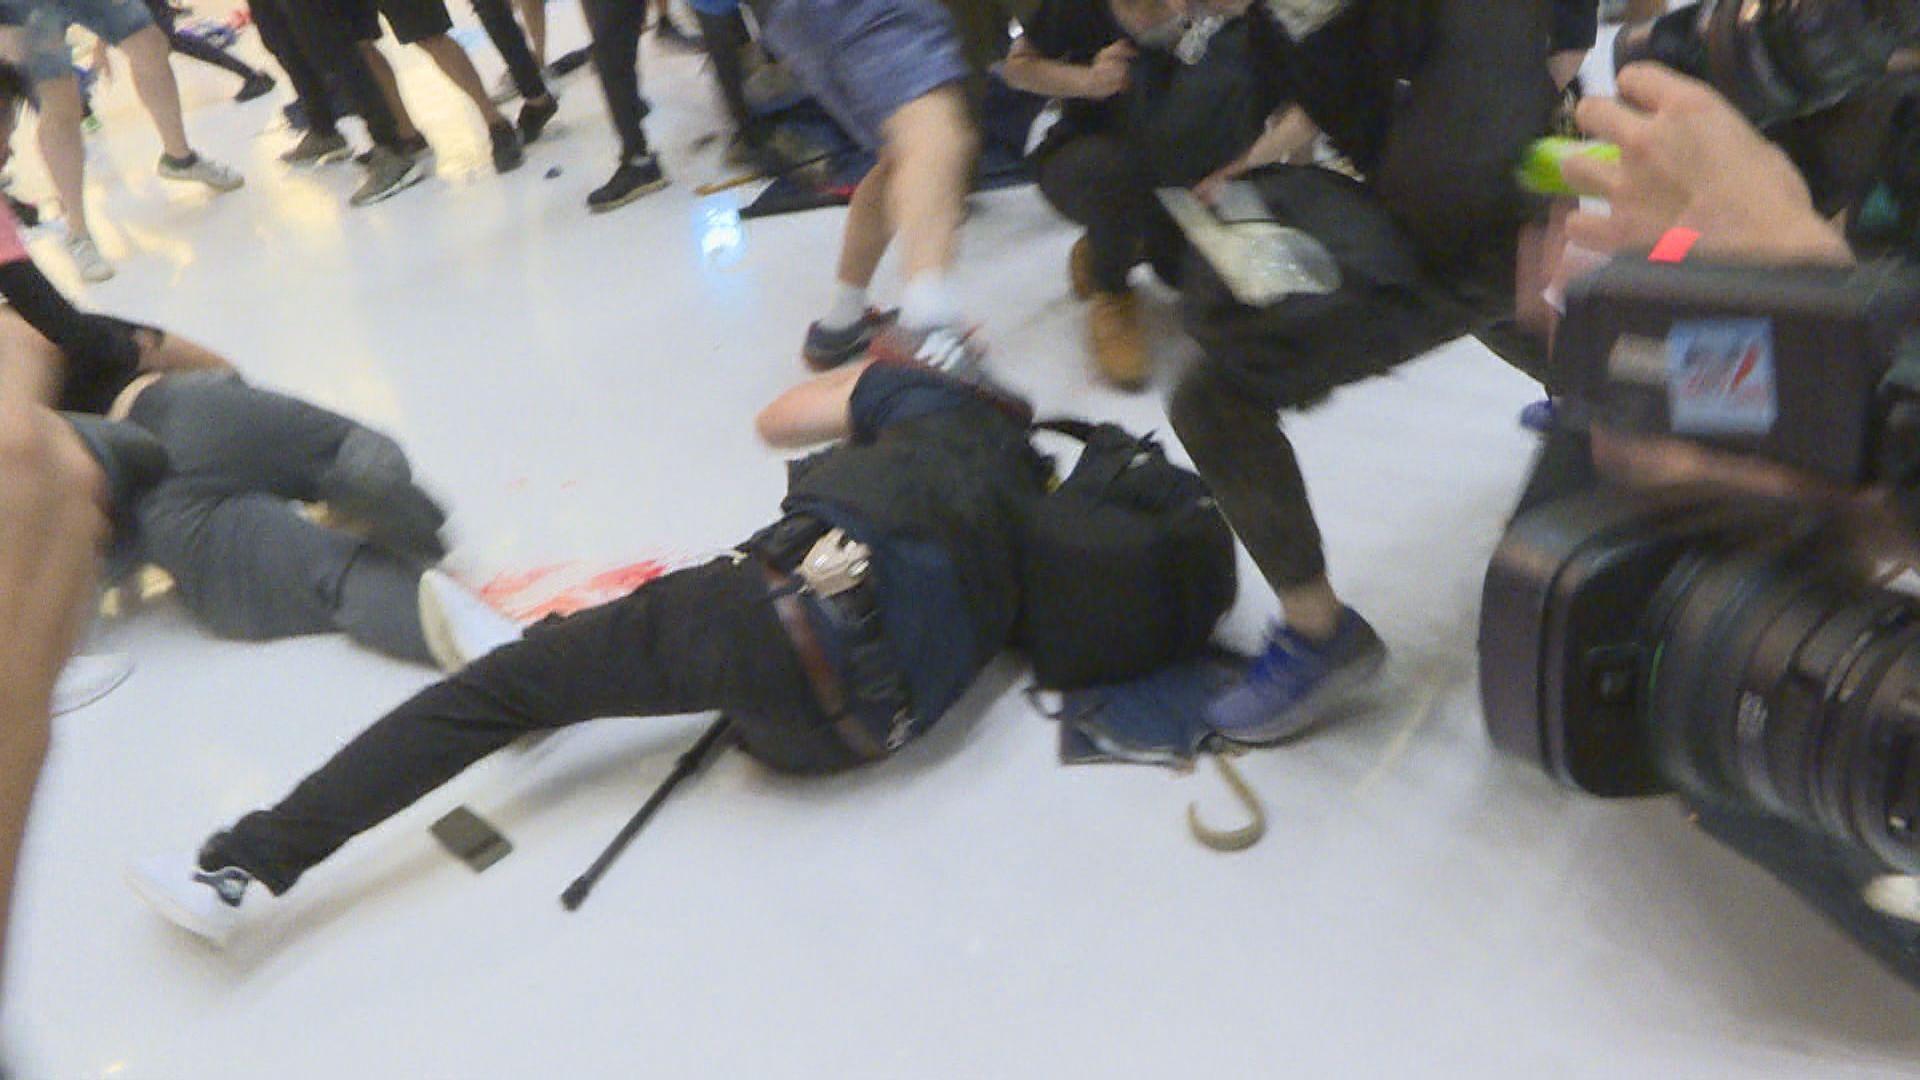 上月沙田警民衝突警再拘一人涉嫌傷人